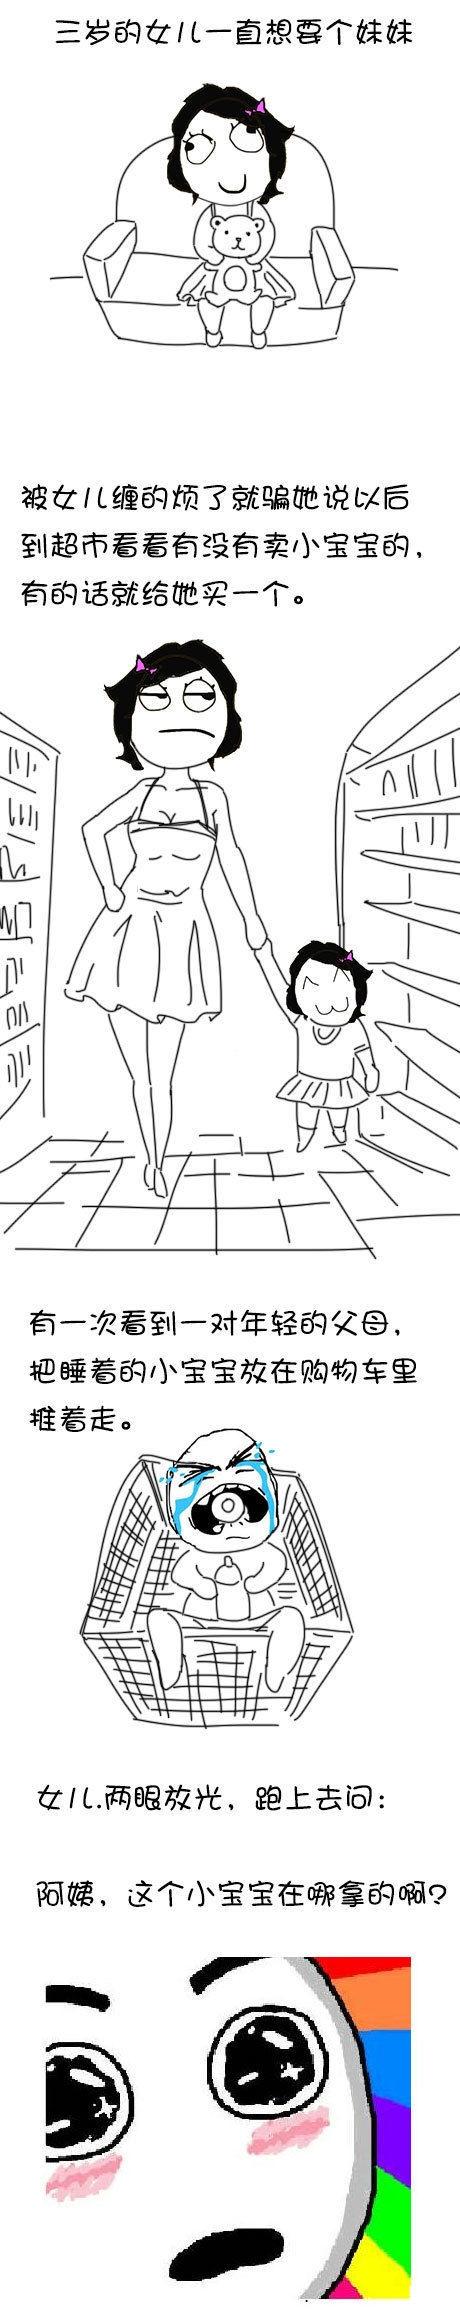 女兒想要一個妹妹.jpg